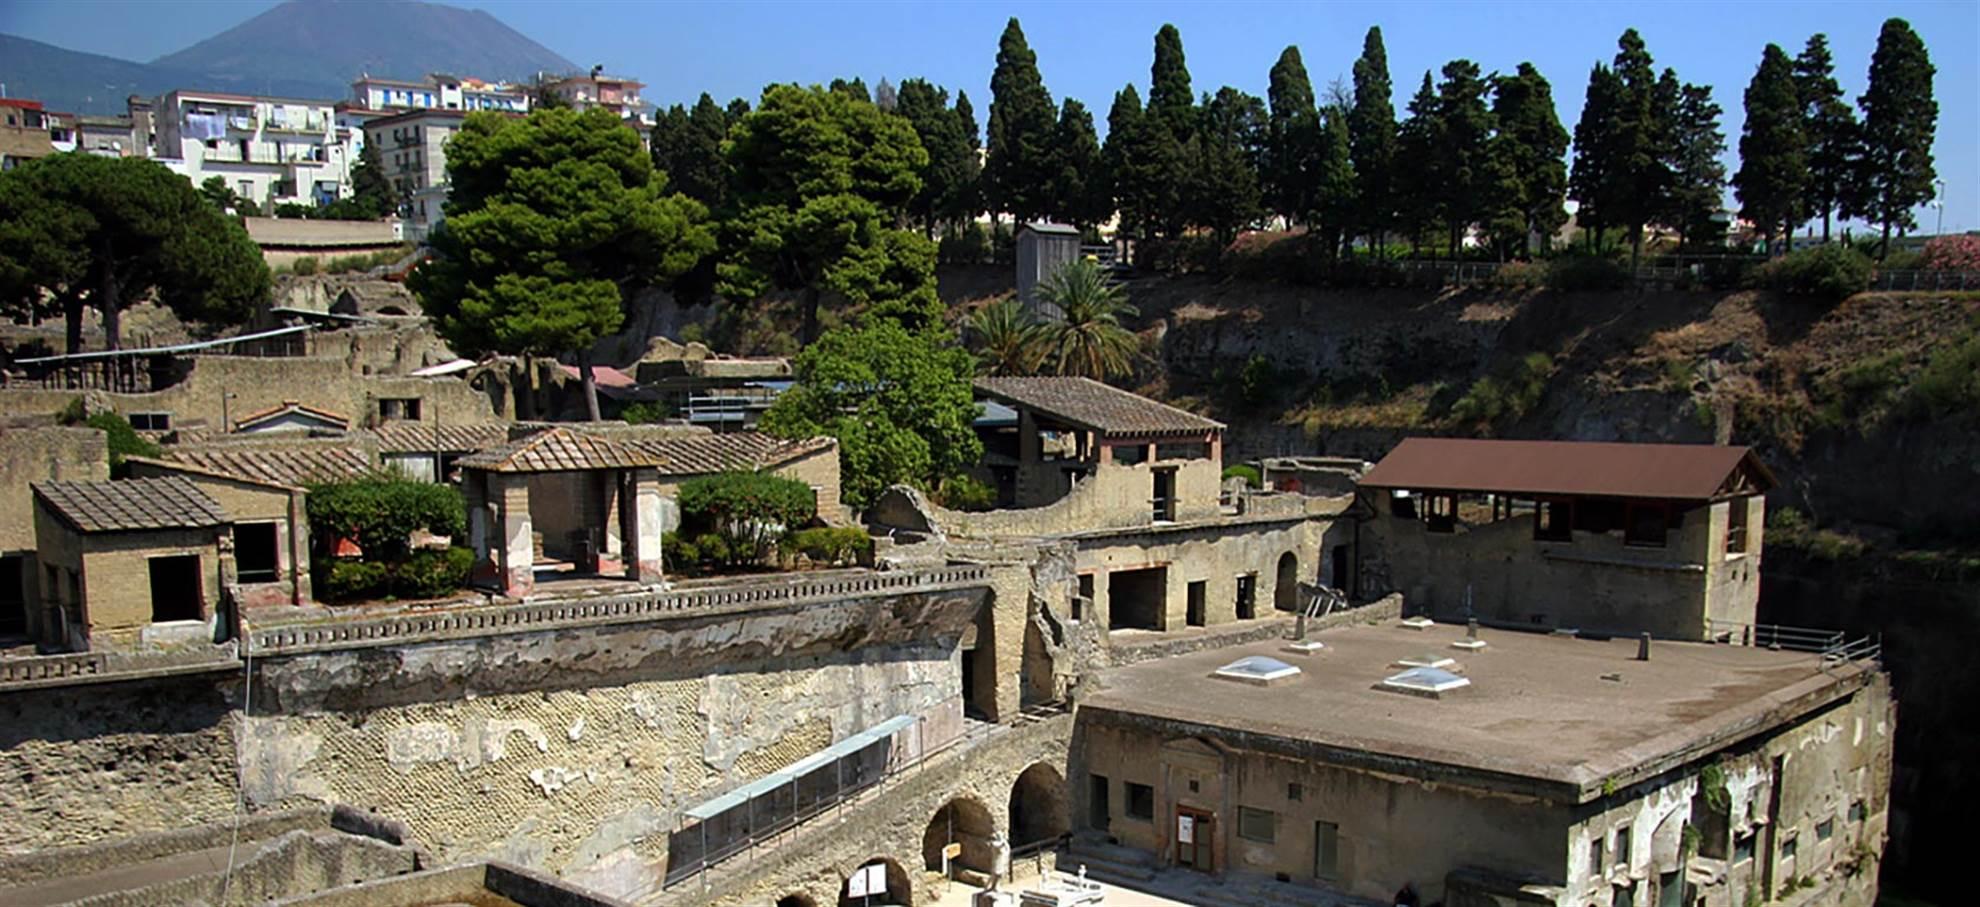 Pompei & Ercolano Archeological Tour